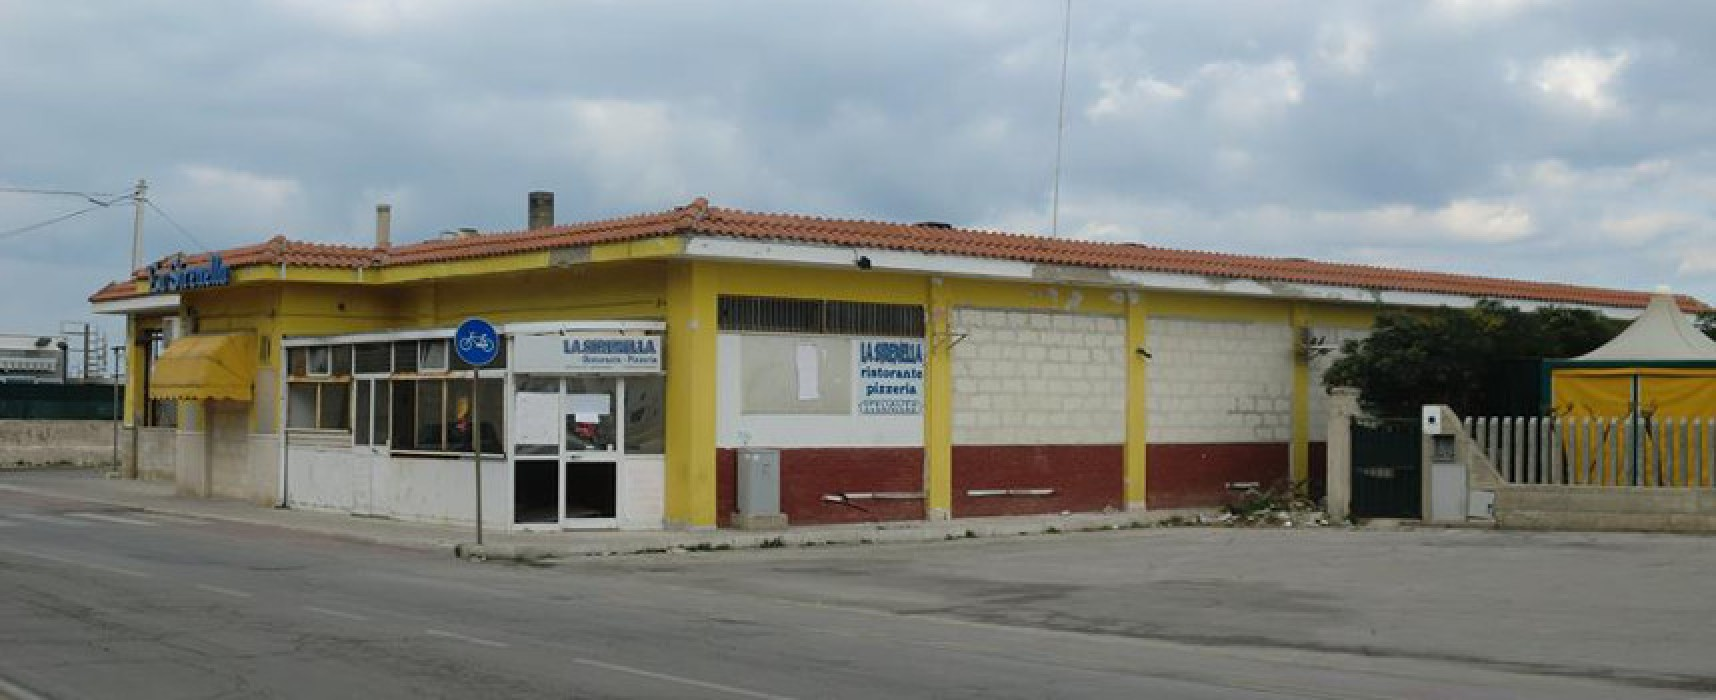 Il centro tartarughe marine si trasferisce a Bisceglie, l'annuncio di Pasquale Salvemini